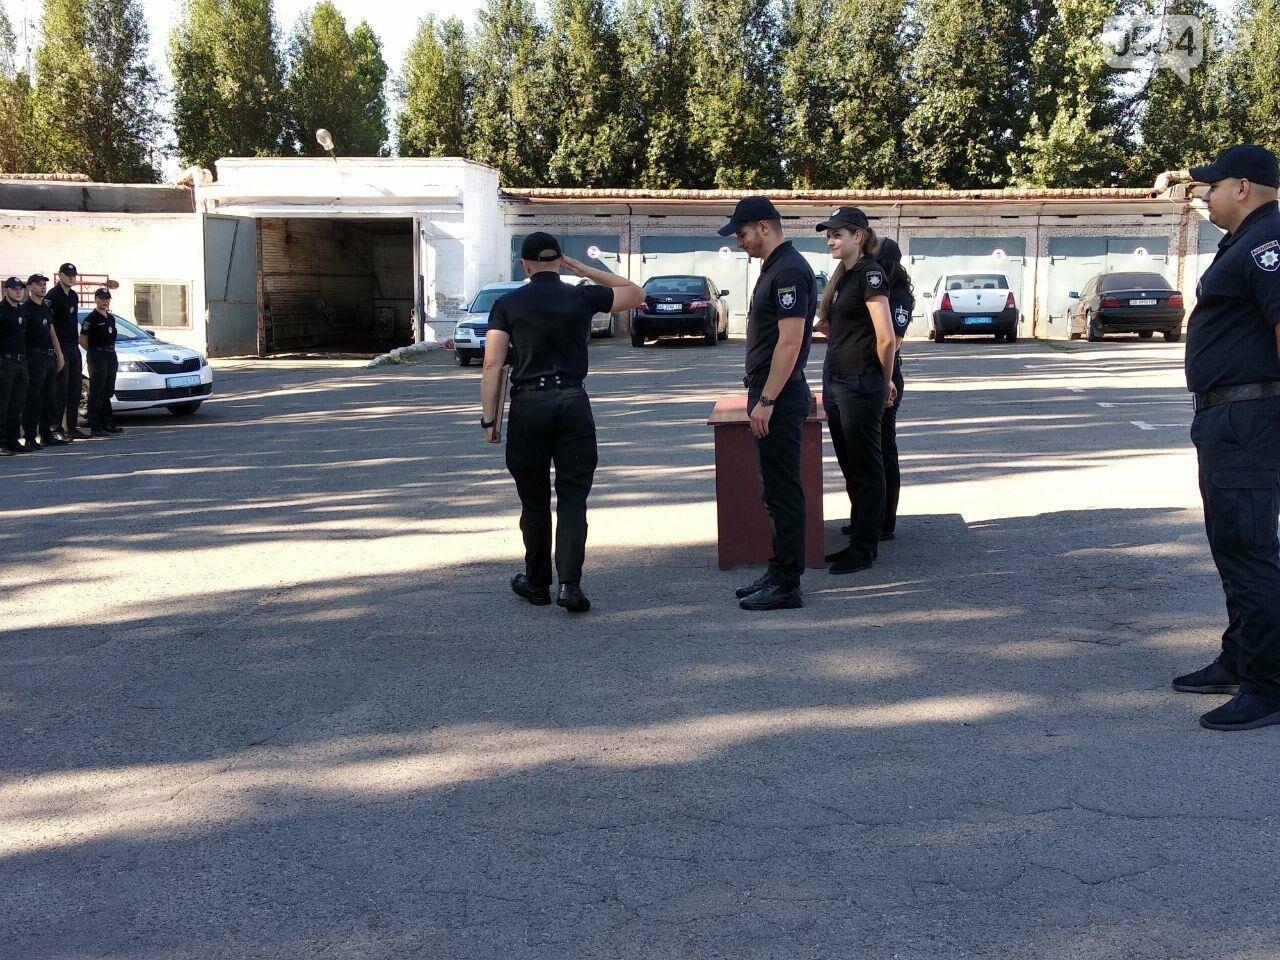 В Кривом Роге наградили патрульных за добросовестное выполнение служебных обязанностей, - ФОТО, фото-19